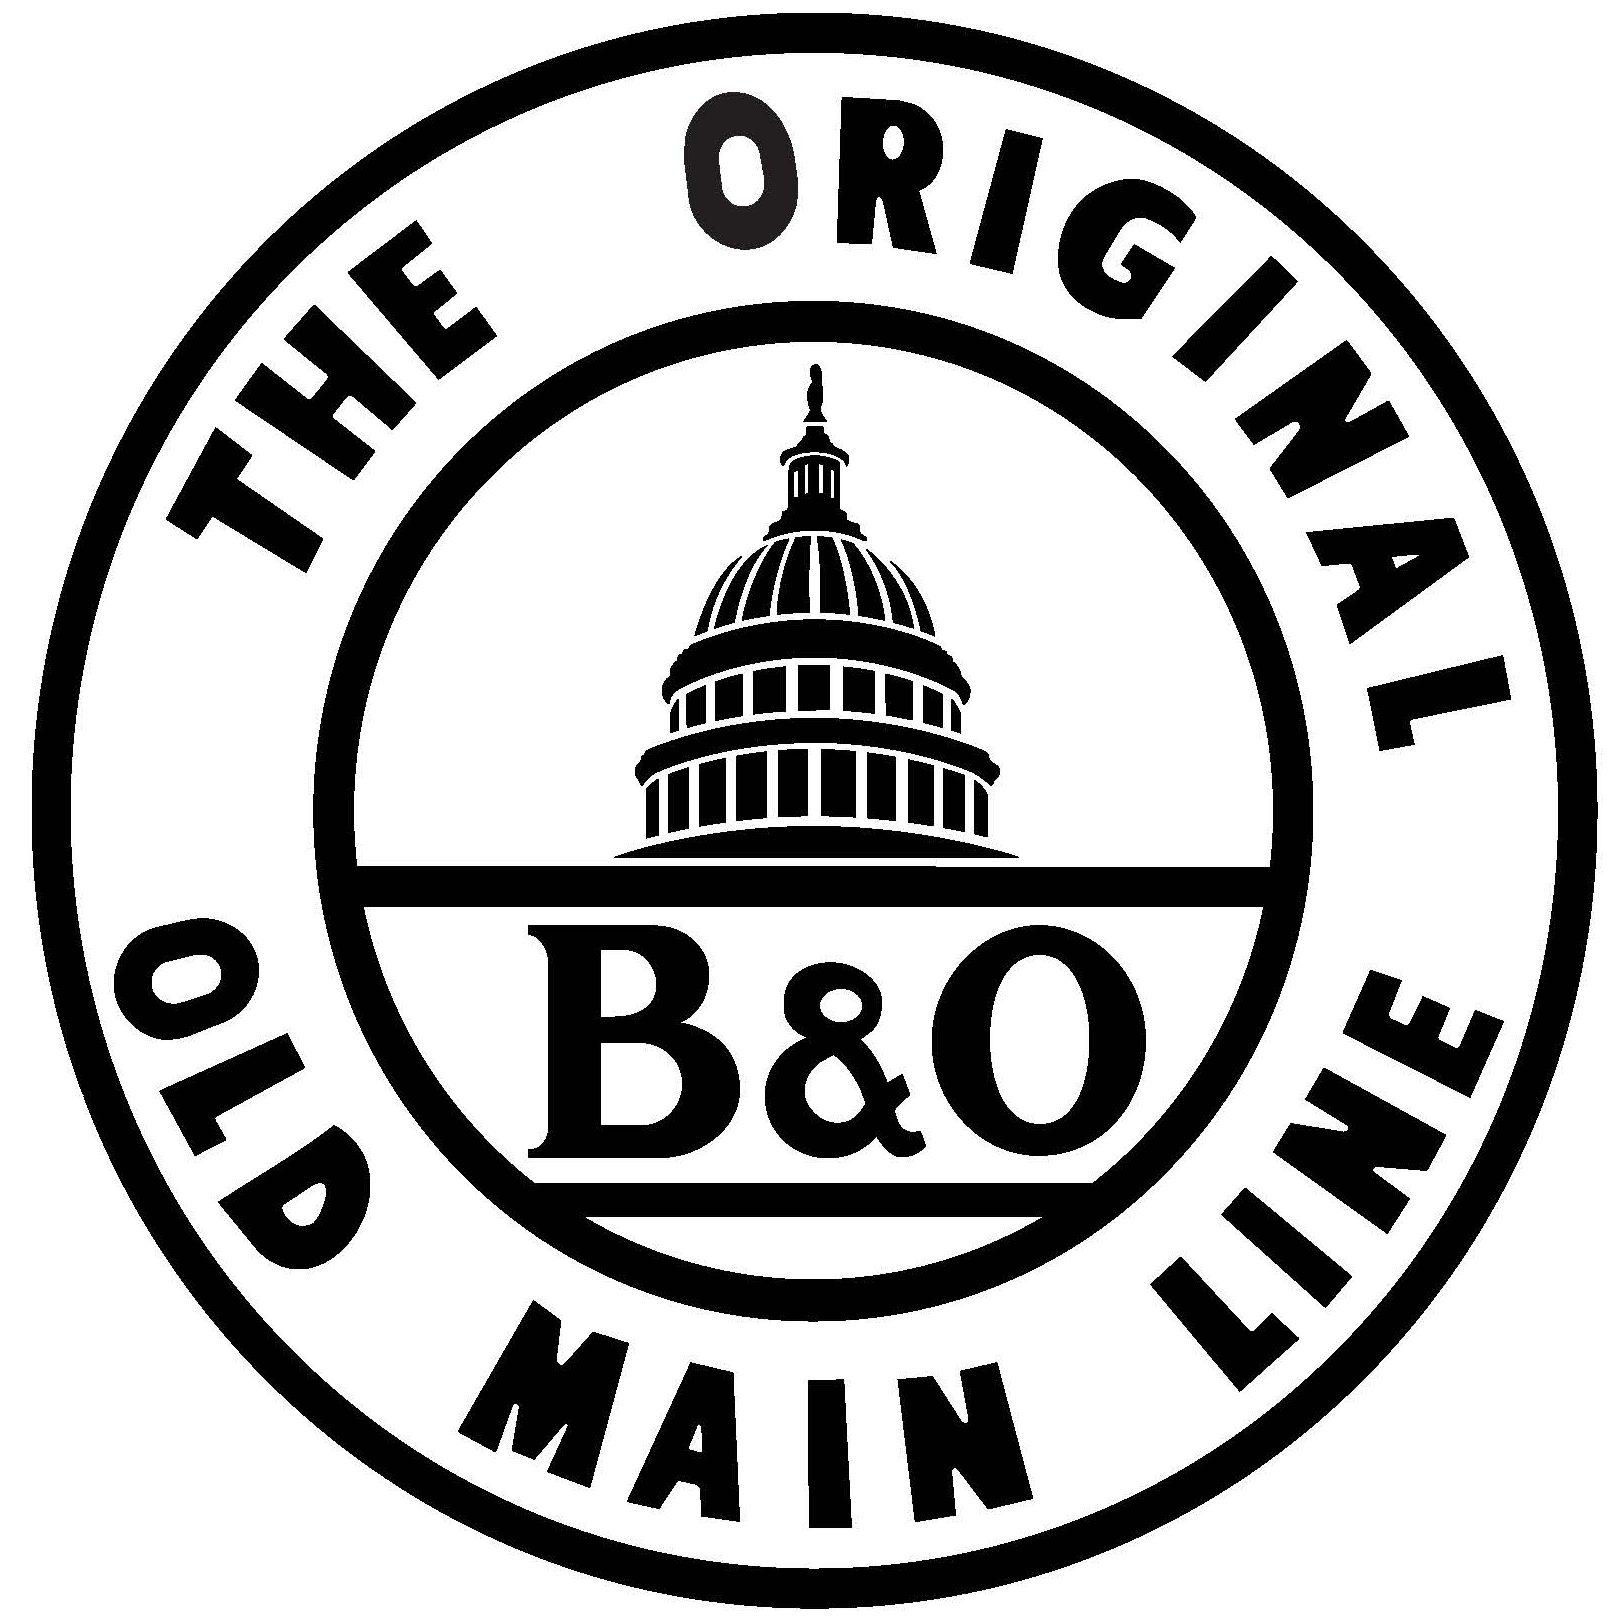 B&O Modeling